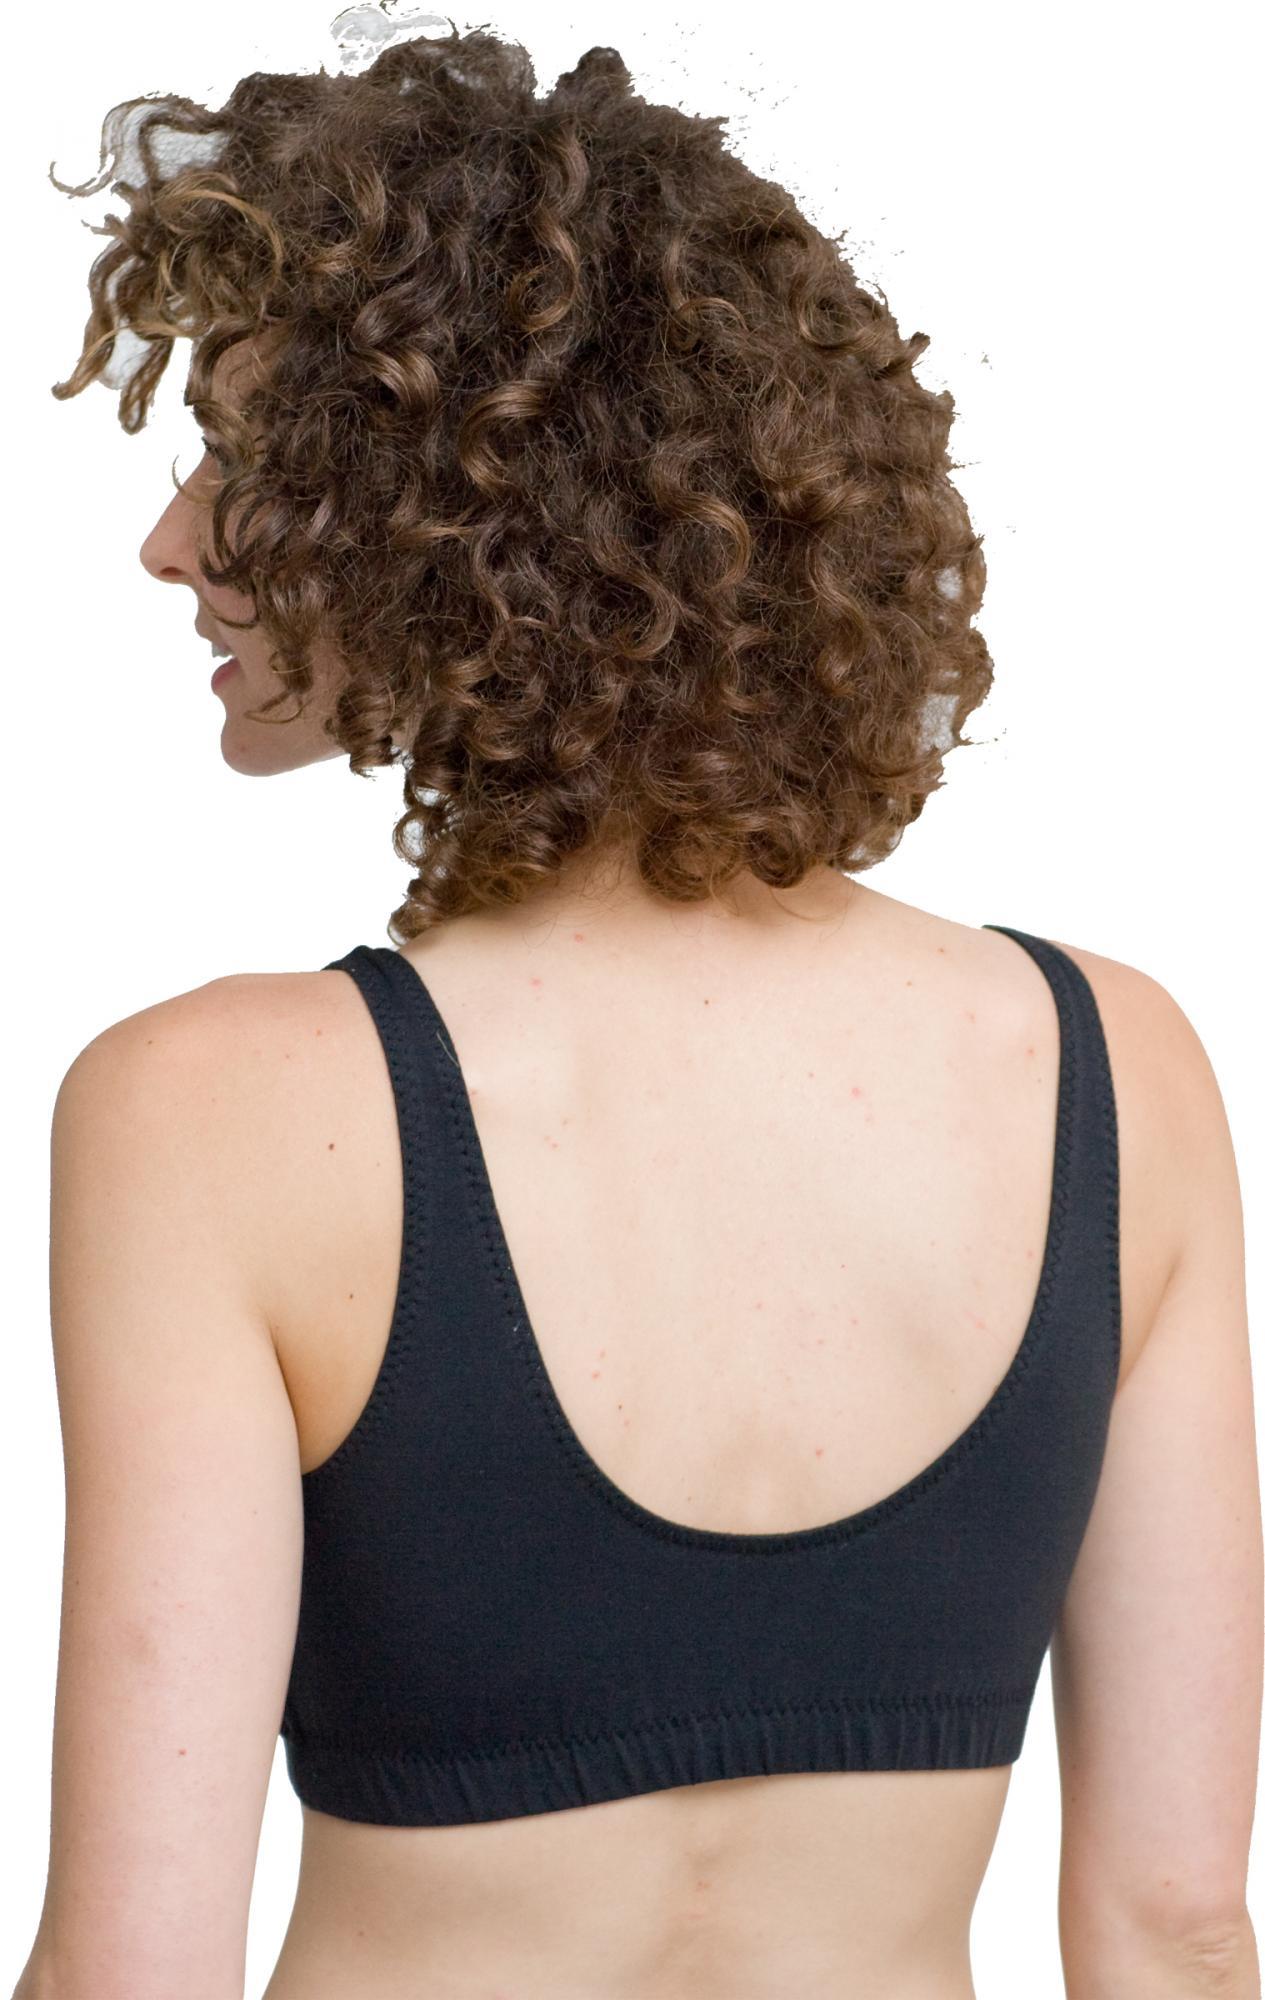 majamas-organic-daily-nursing-bra-black-back.jpg